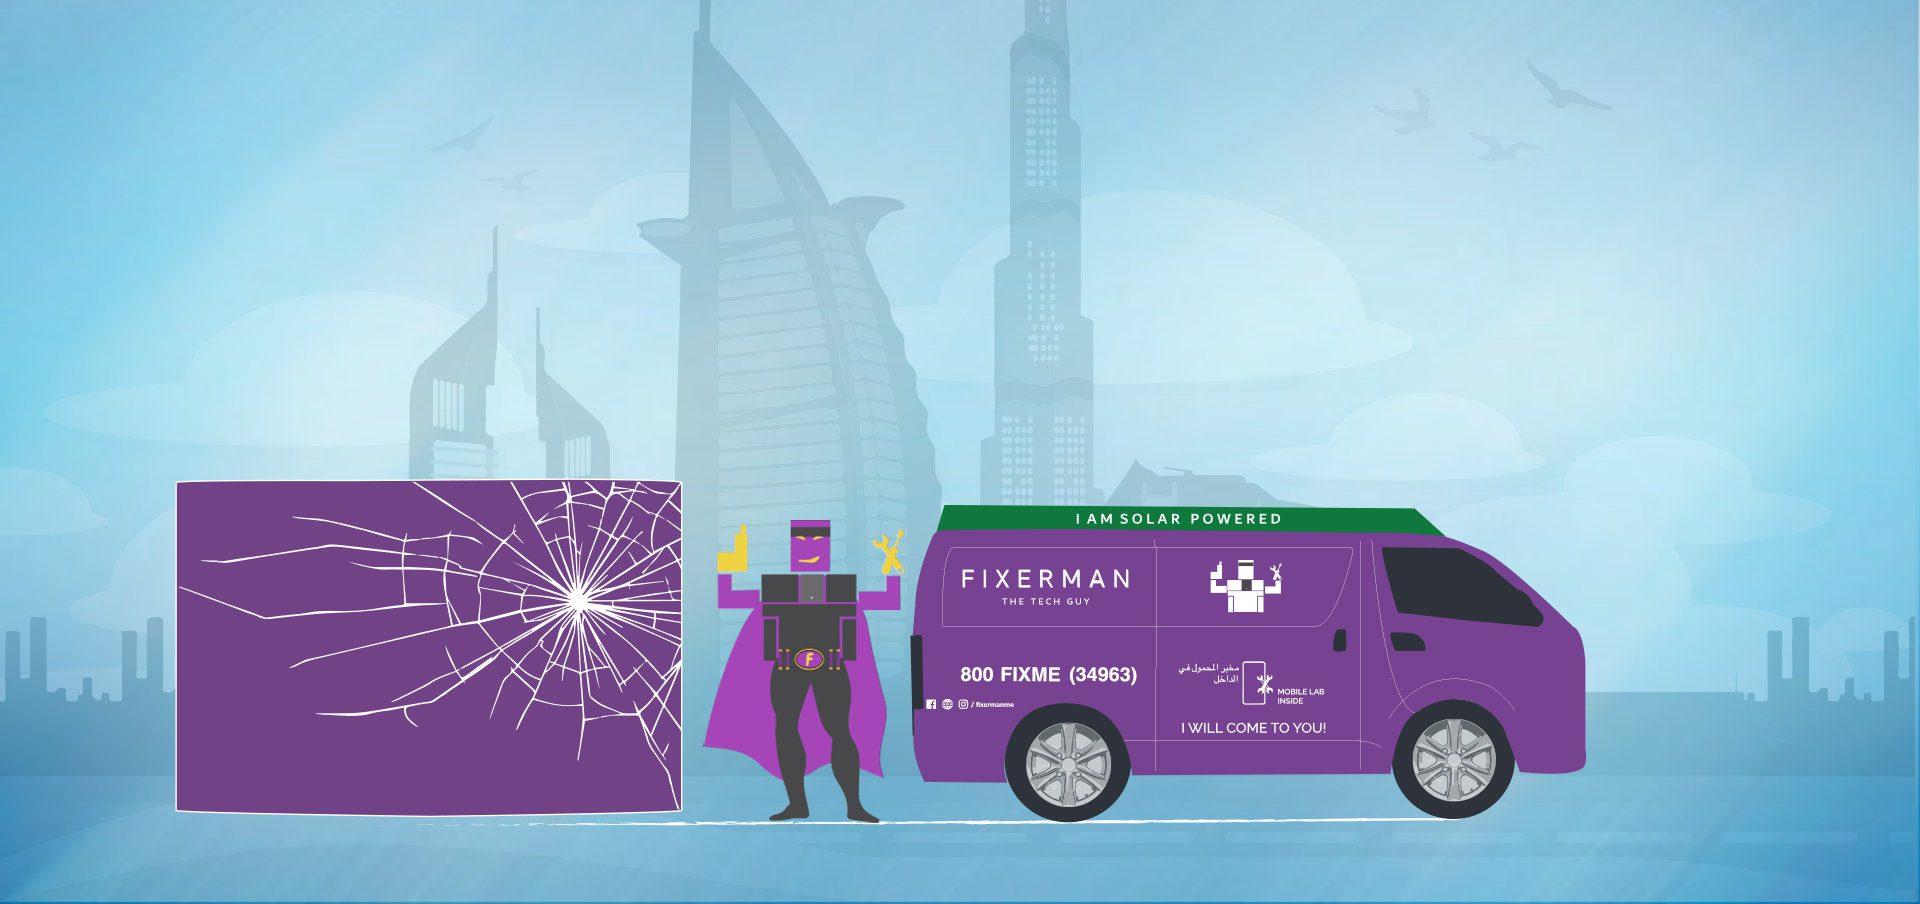 Mobile phone repairing service in Dubai